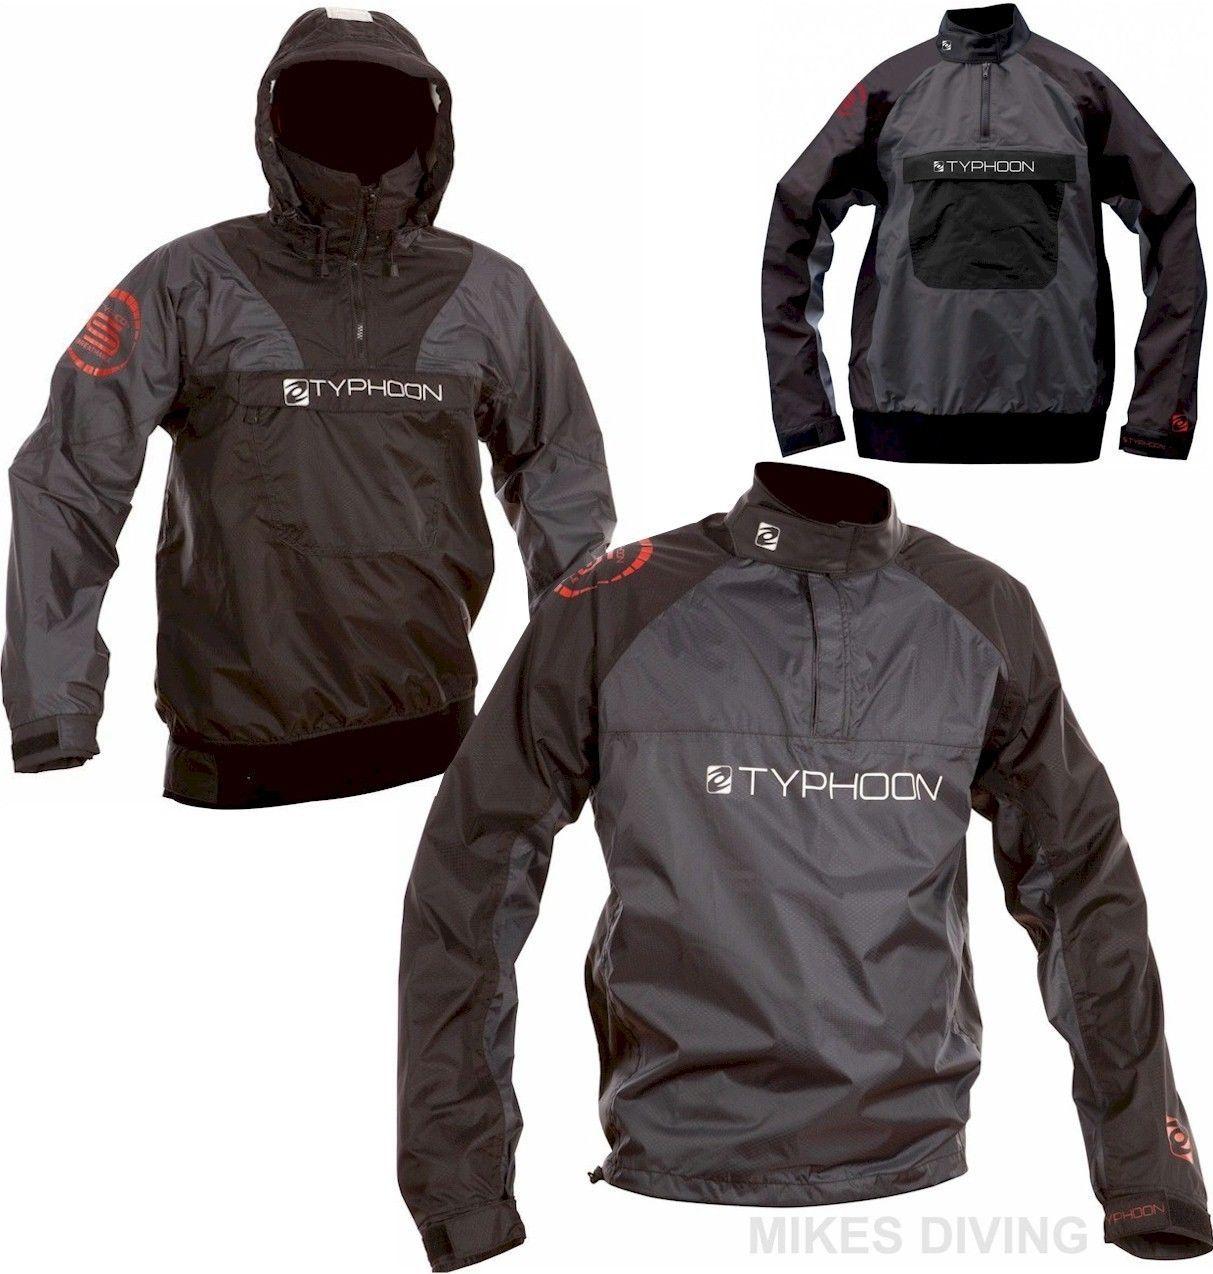 Typhoon spray jacket top cag waterproof dart amur alsec